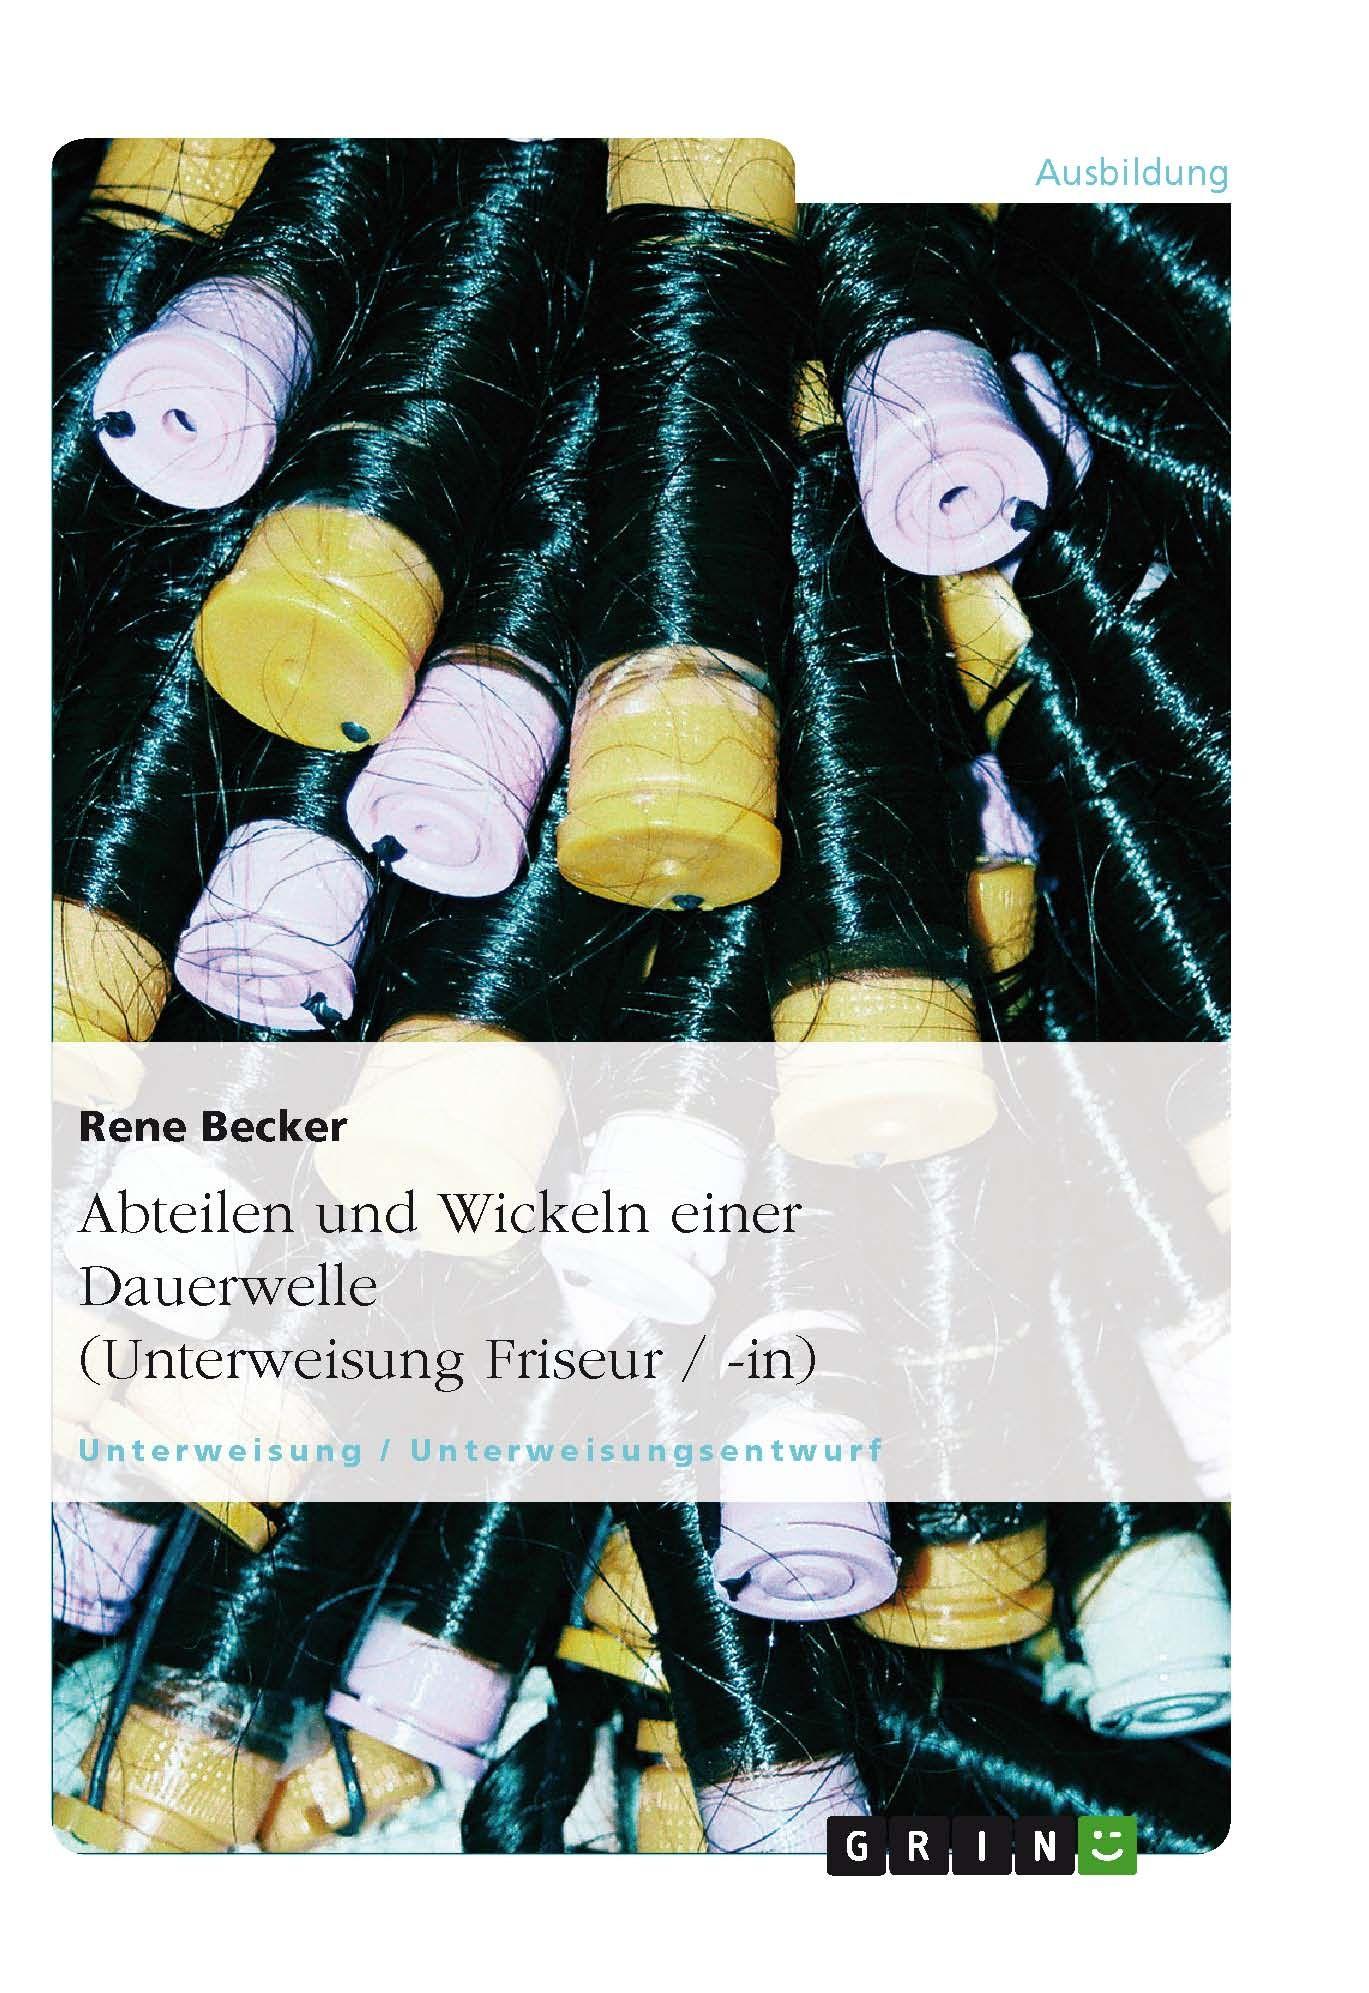 Abteilen und Wickeln einer Dauerwelle (Unterweisung Friseur / -in) GRIN: http://grin.to/Nkkjc Amazon: http://grin.to/M2g6T